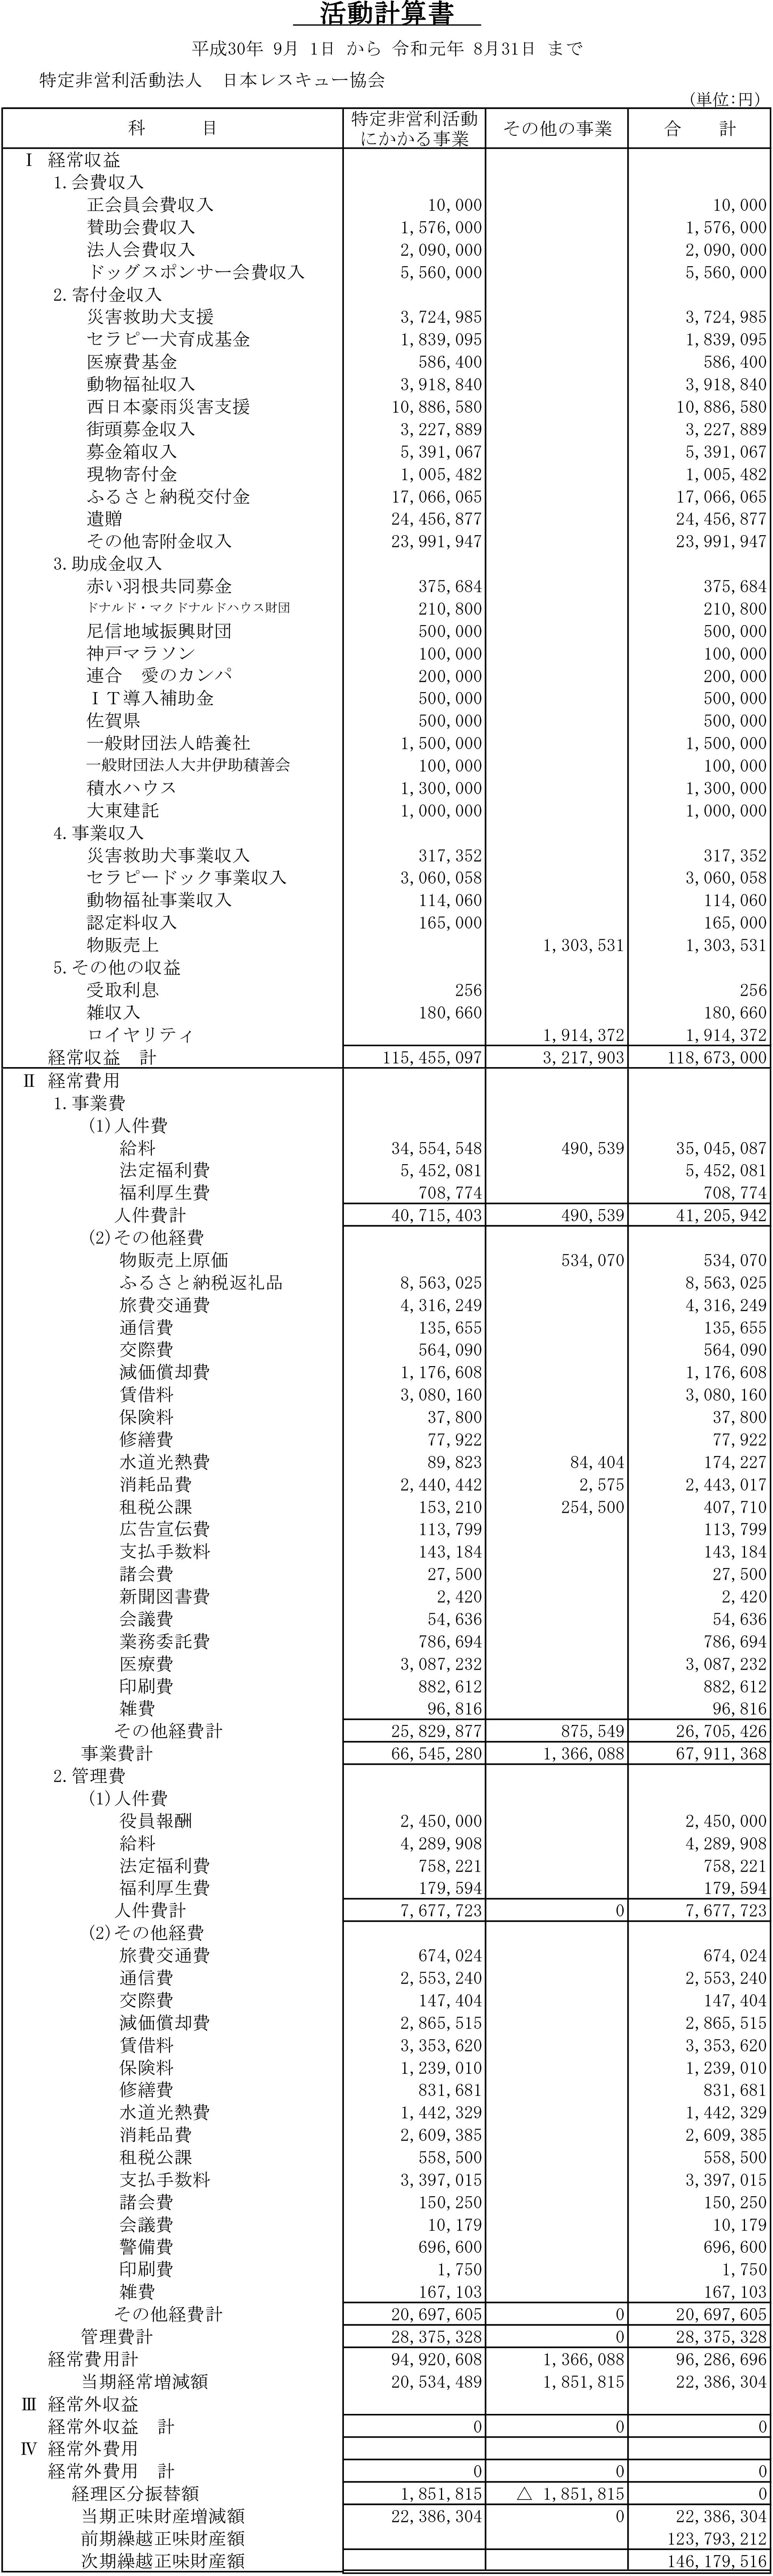 平成30年度 日本レスキュー協会収支報告